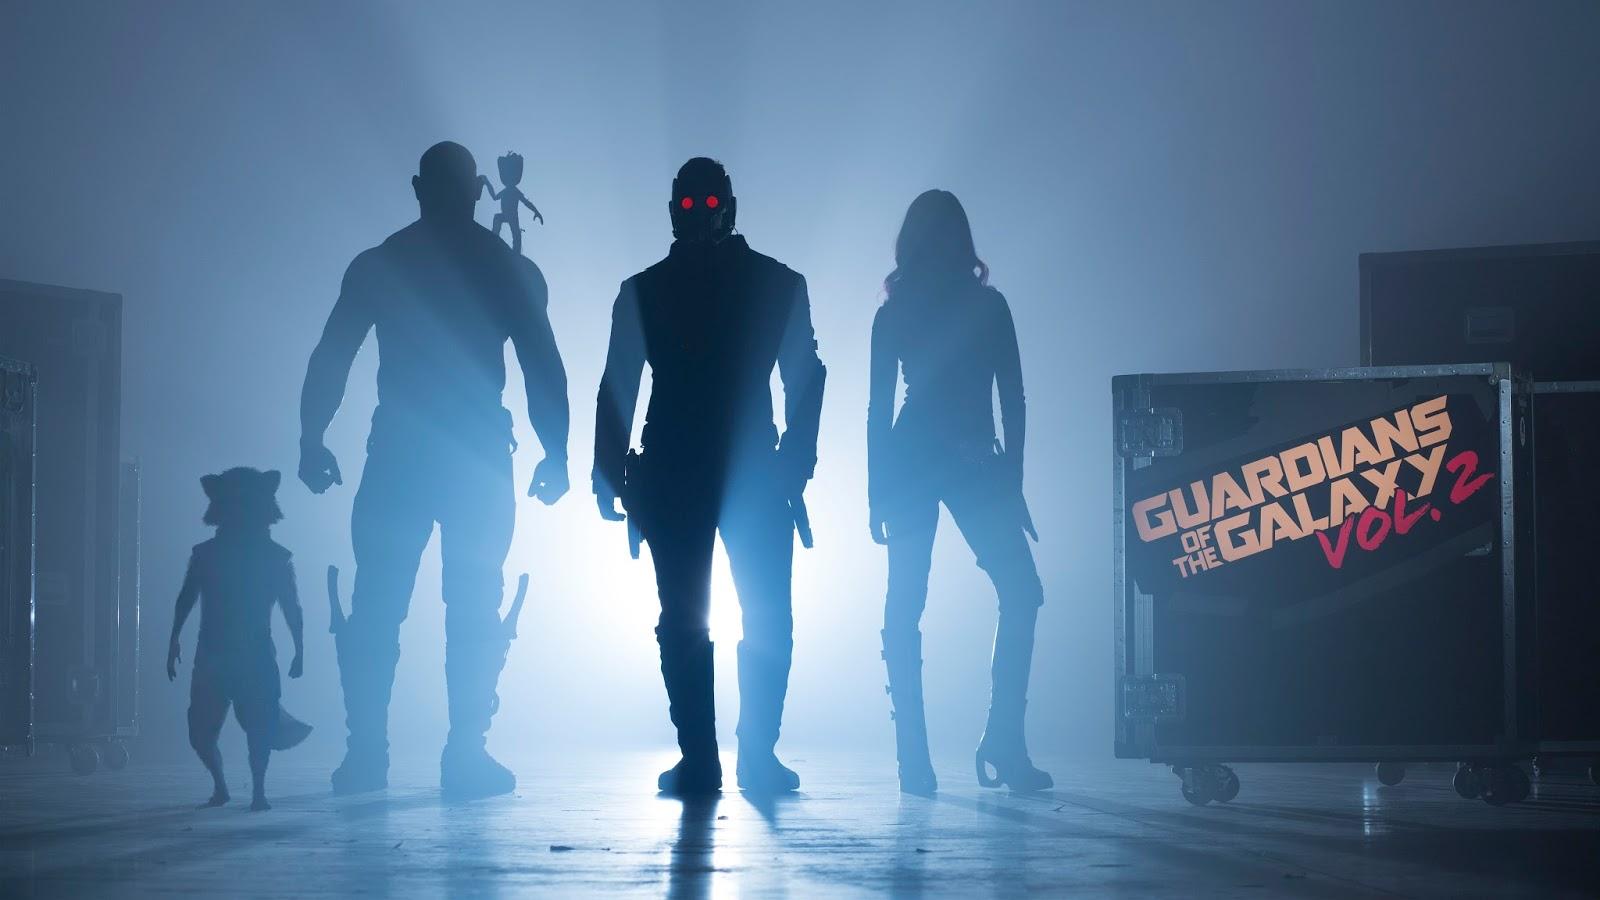 """Marvel revela primeiro trailer de """"Guardiões da Galáxia Vol. 2"""", com Chris Pratt e Zoe Saldana"""